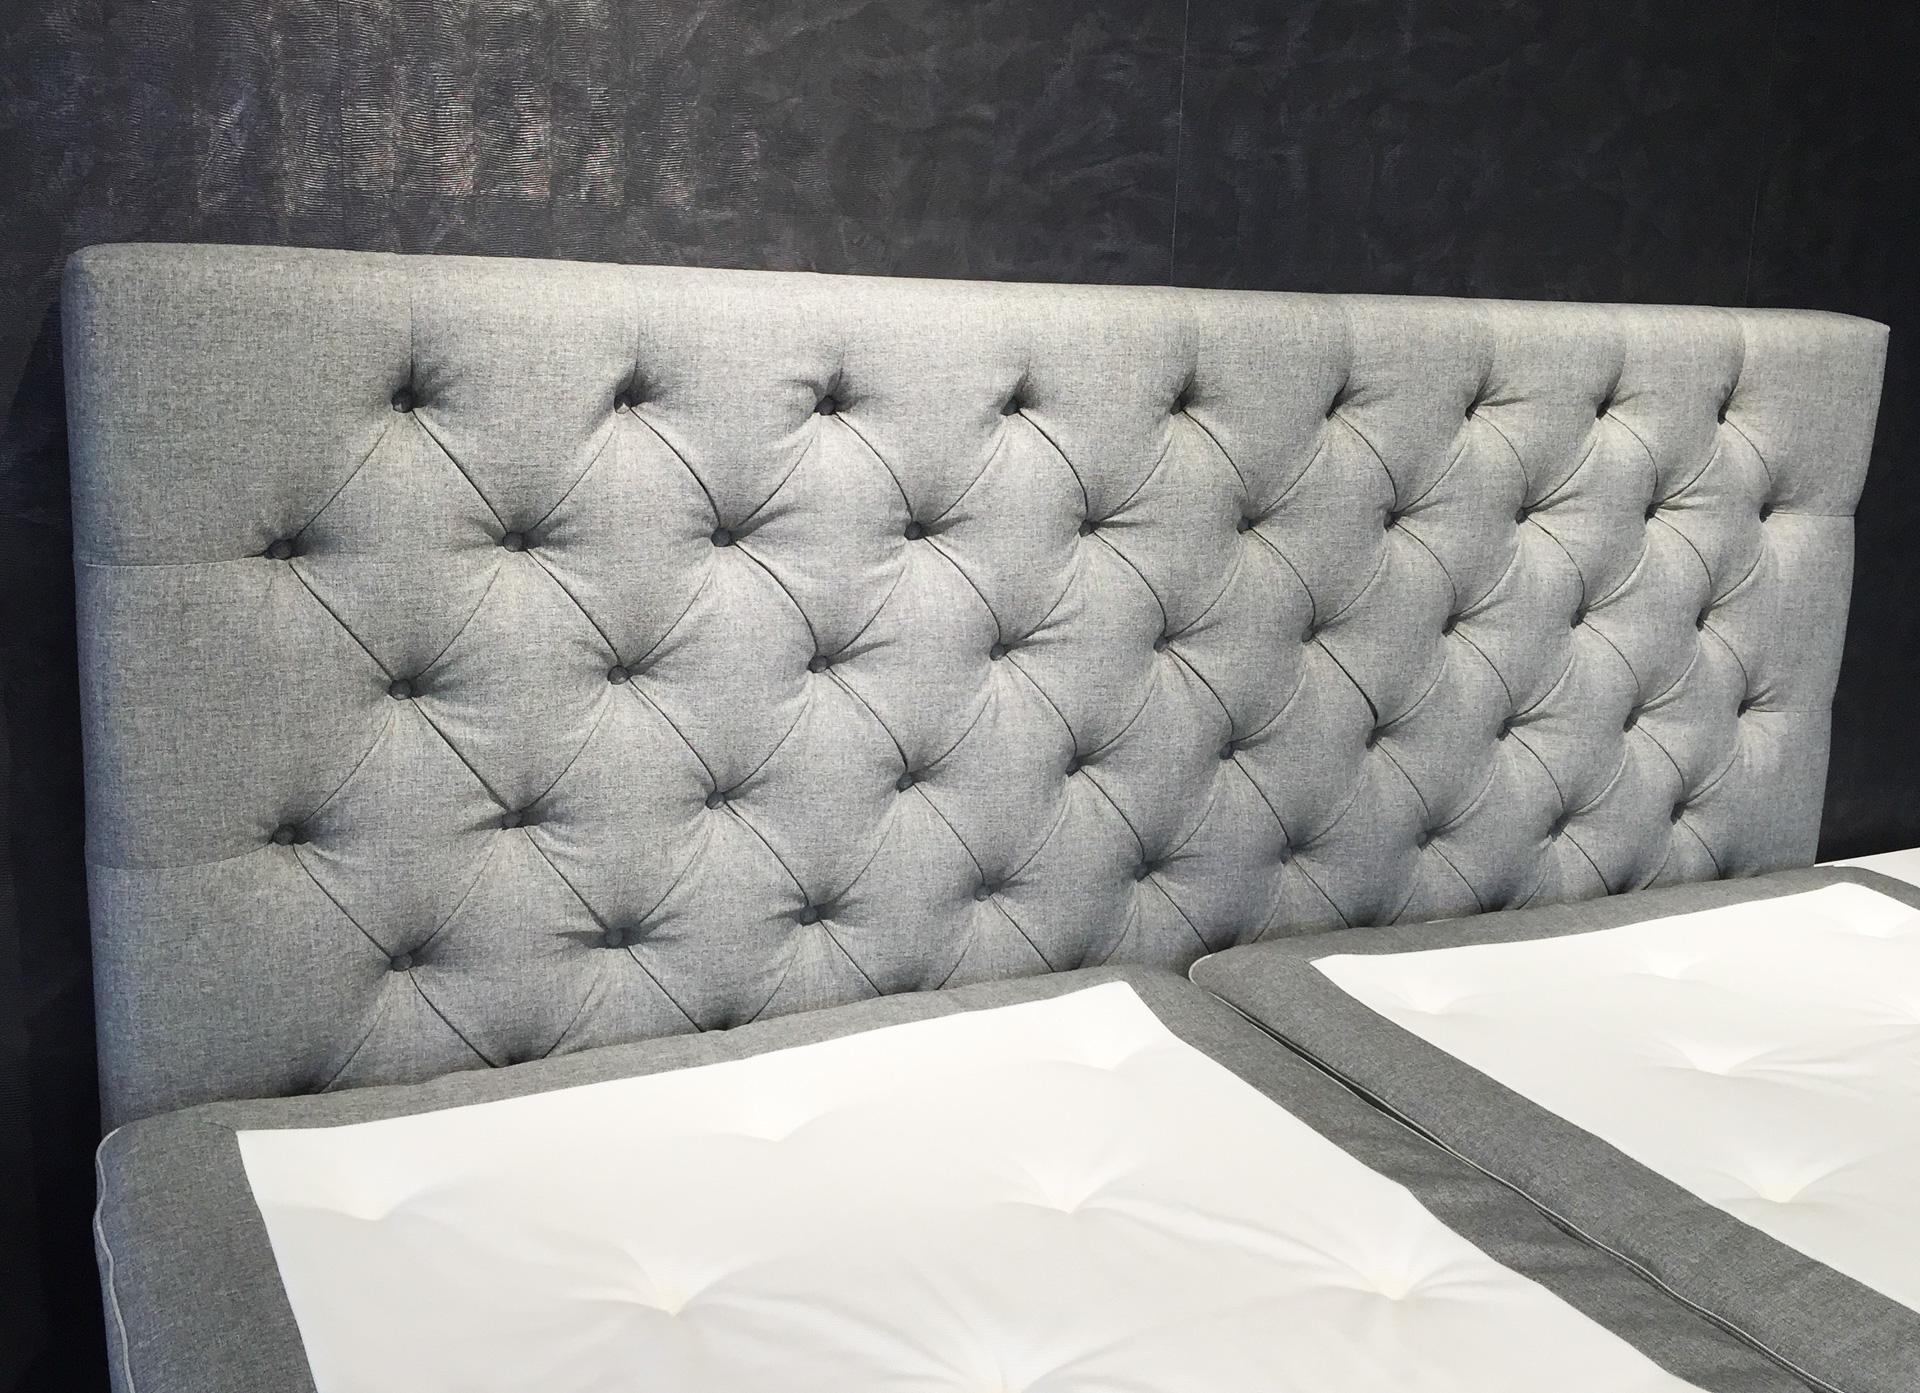 10_Raumausstattung_Schueler_Koeln_Nippes_Polsterei_traditionelle_Restauration_Bett_Kopfteile